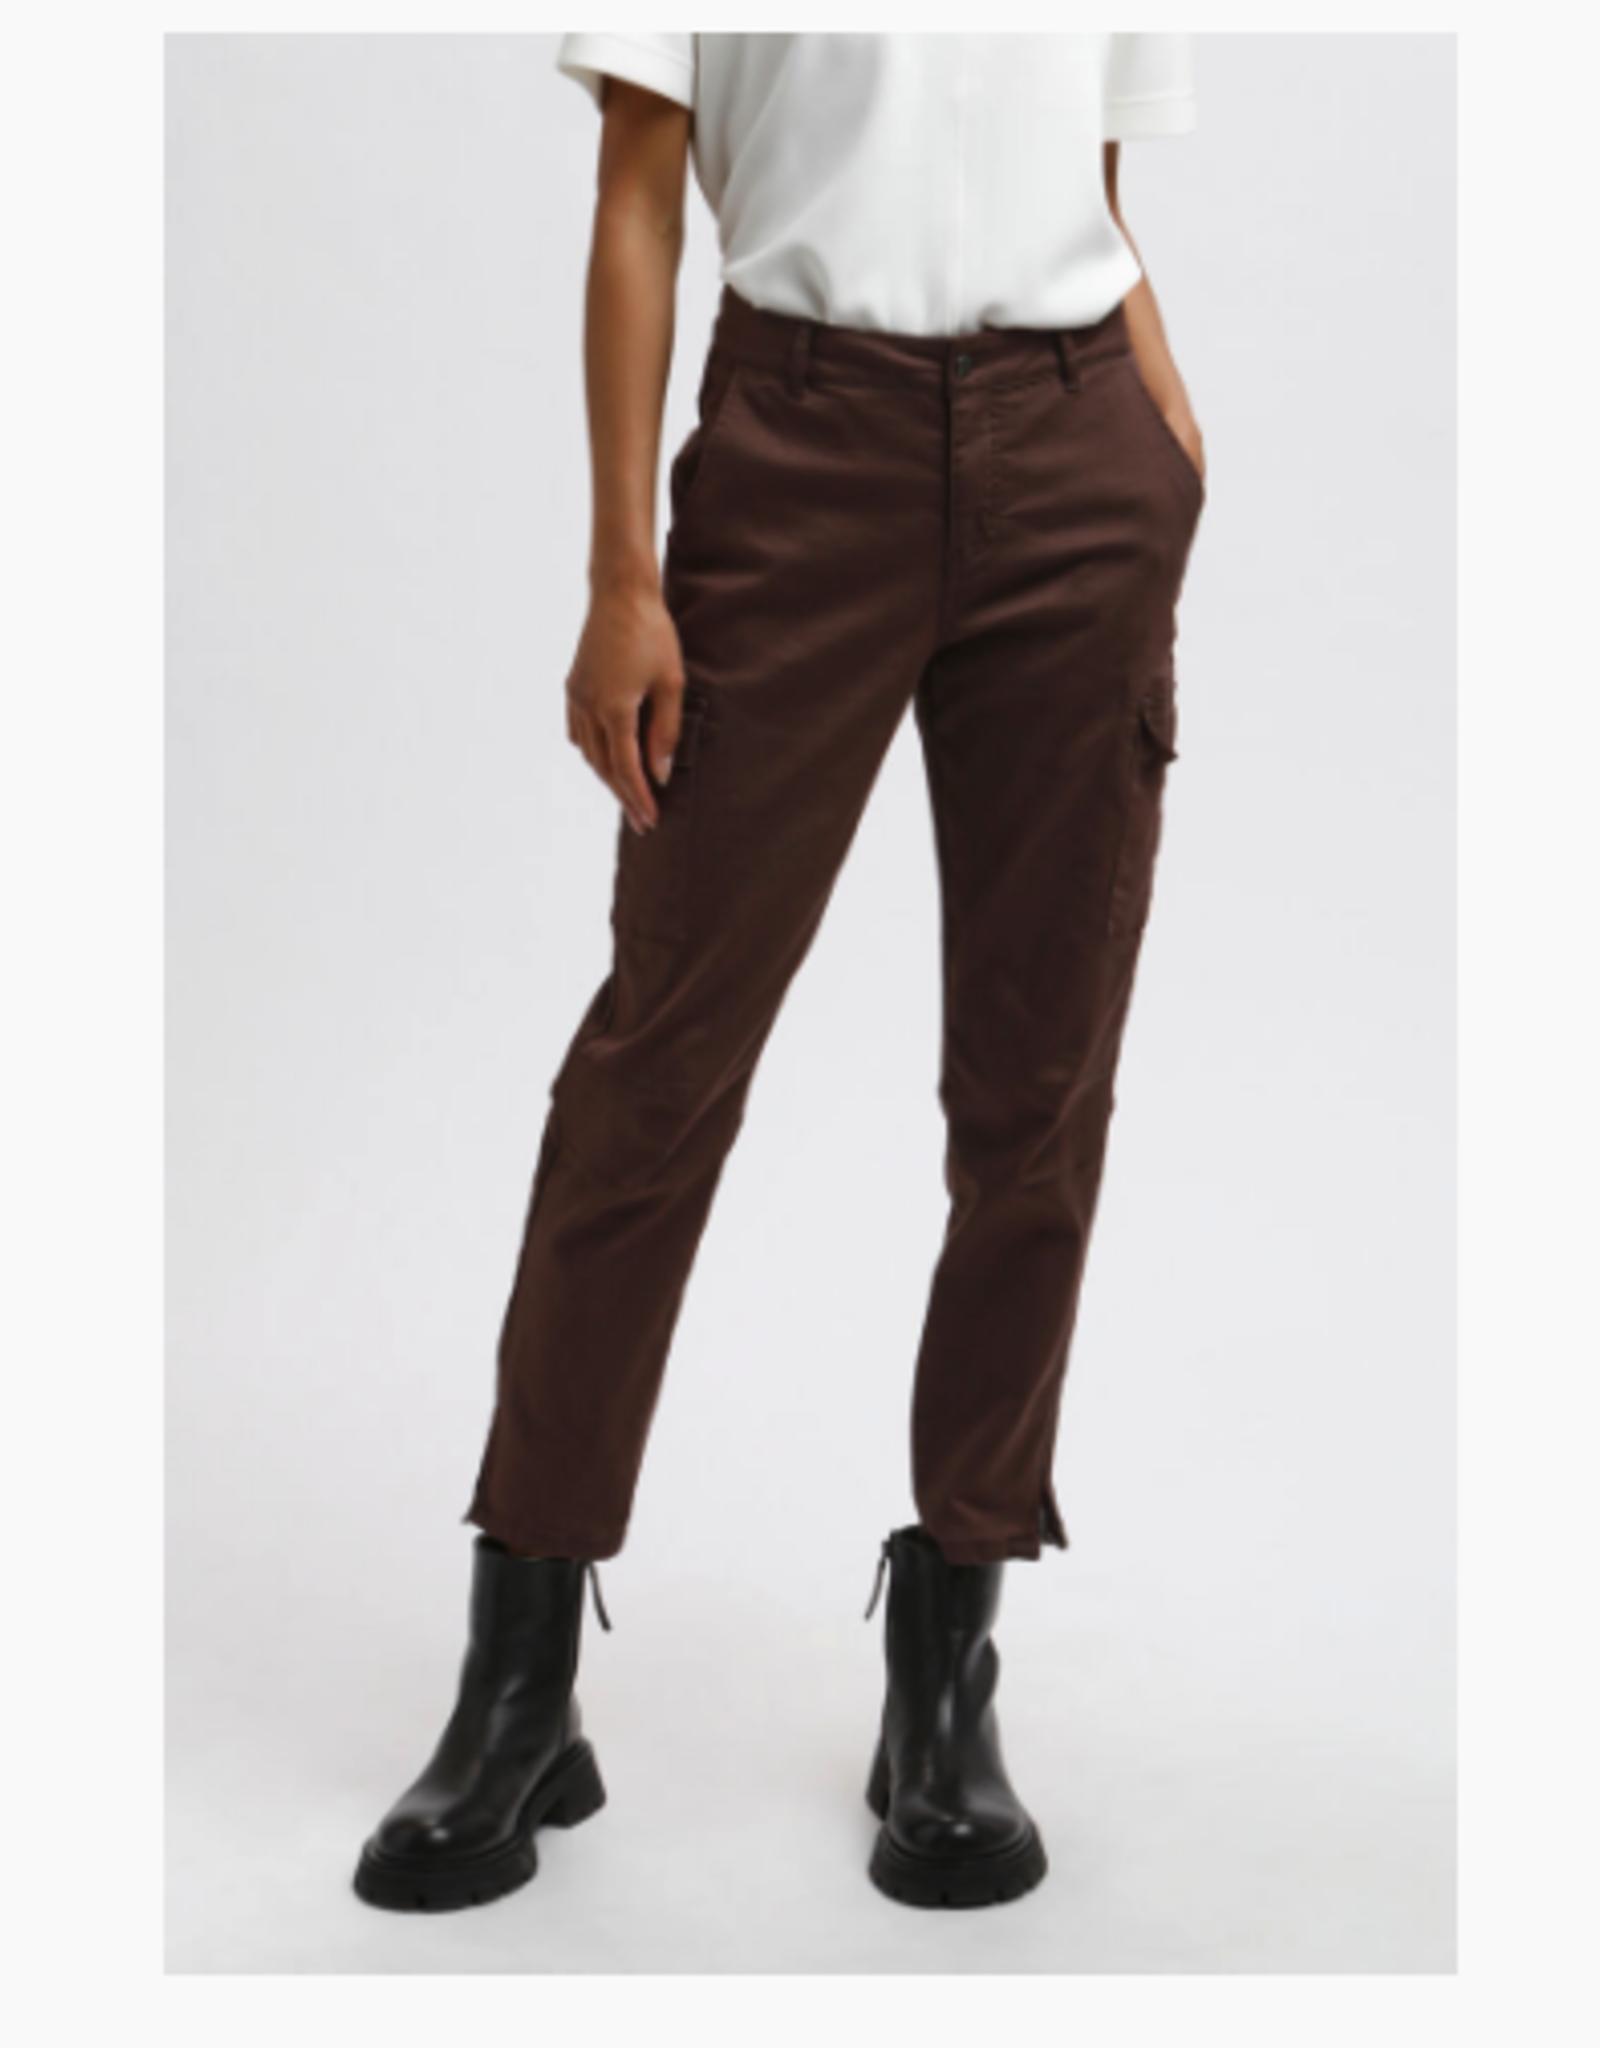 Kaffé Kaffé - KAmandy Cropped pants